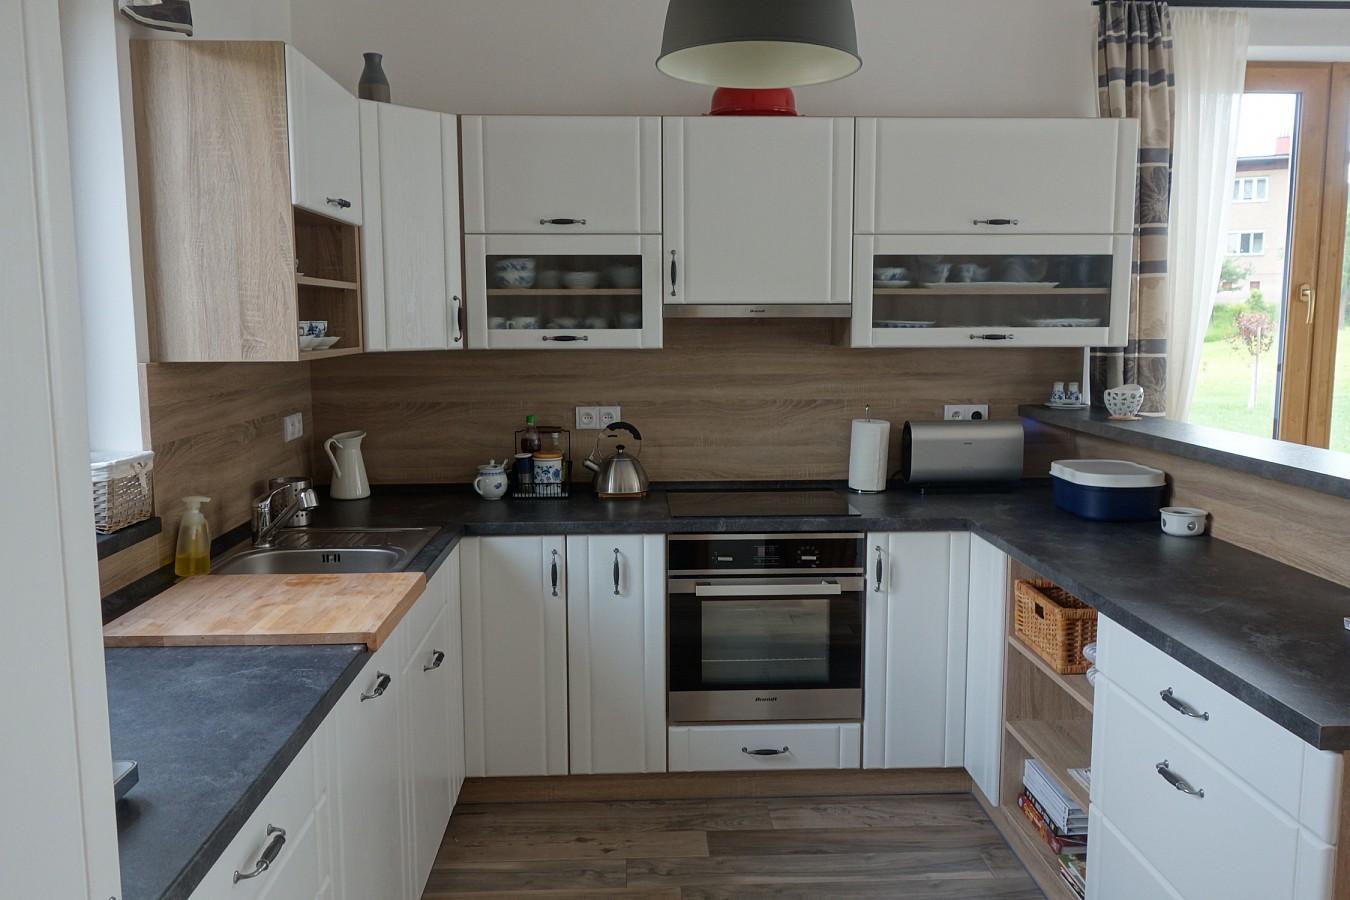 Kuchyně Rustik 225 Ln 237 Kuchyně Ulrich